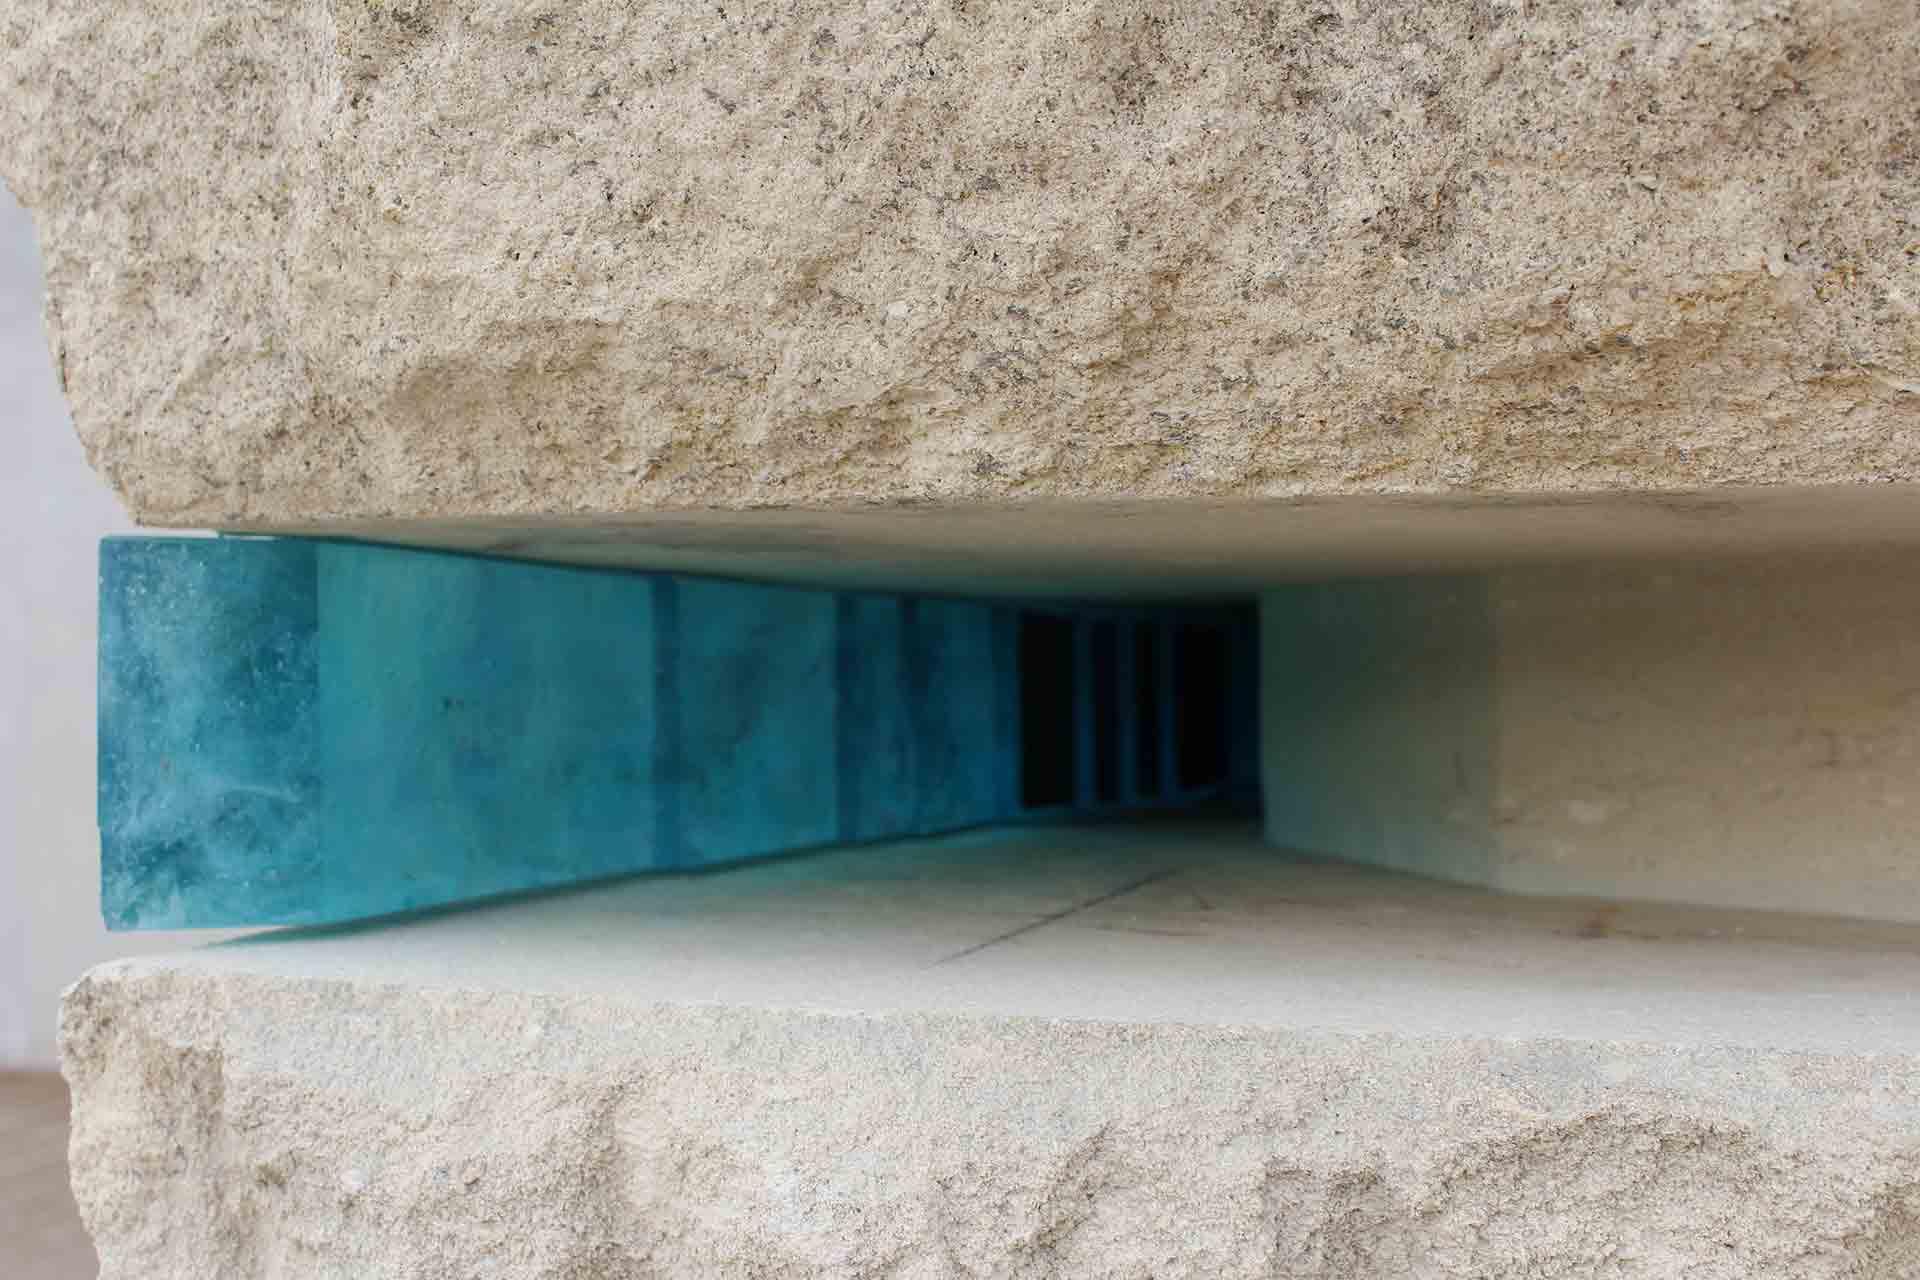 Bloc de verre bleu cyan pour une sculpture rocher à Marseille